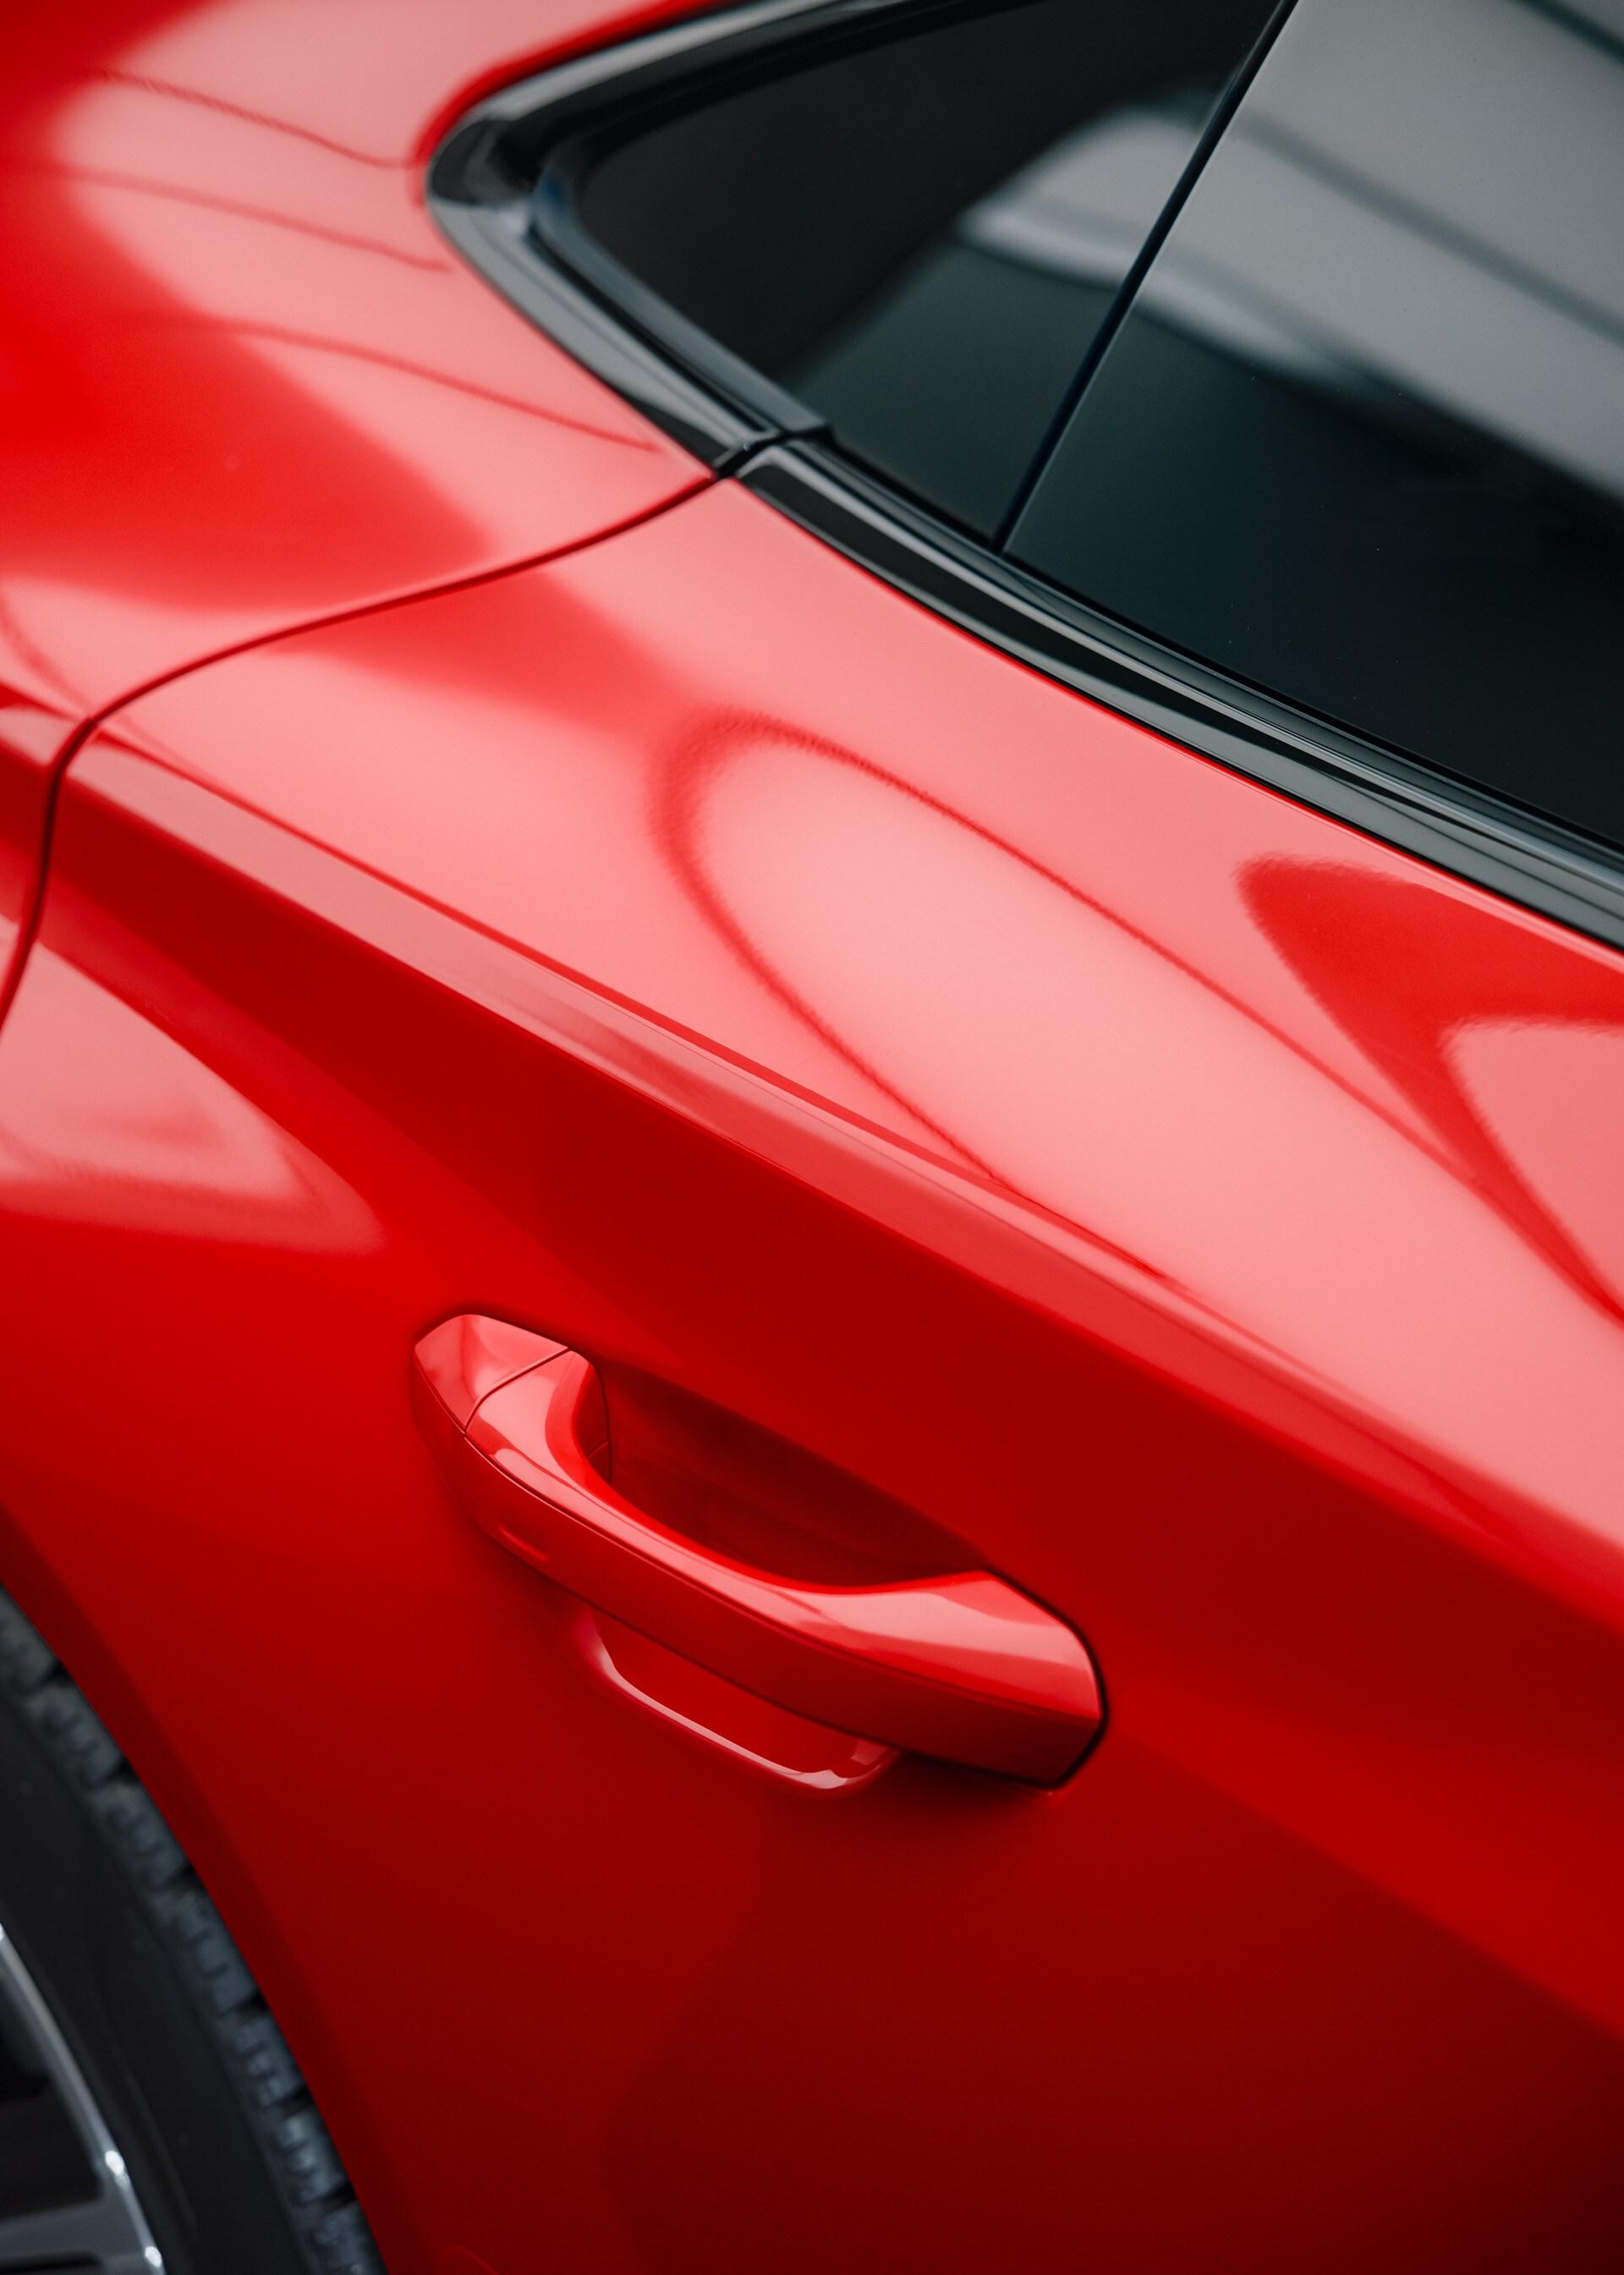 Izraz čiste dinamike in čustev: 'tango rdeča' barva poudarja športni značaj vozila Audi RS e-tron GT in dirkalno tradicijo znamke Audi.